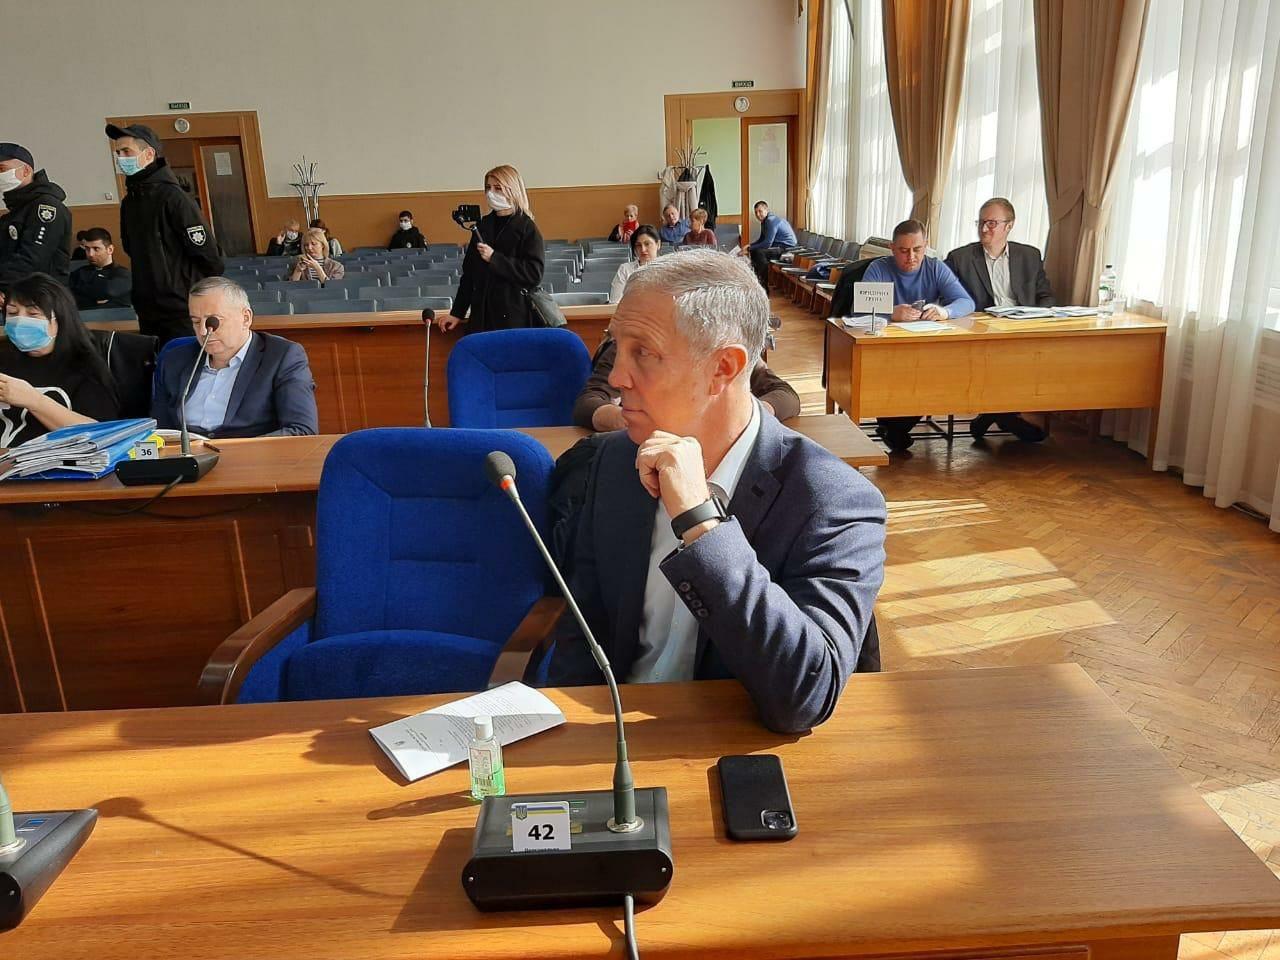 Херсонский депутат предложил системный подход в борьбе с коронавирусом